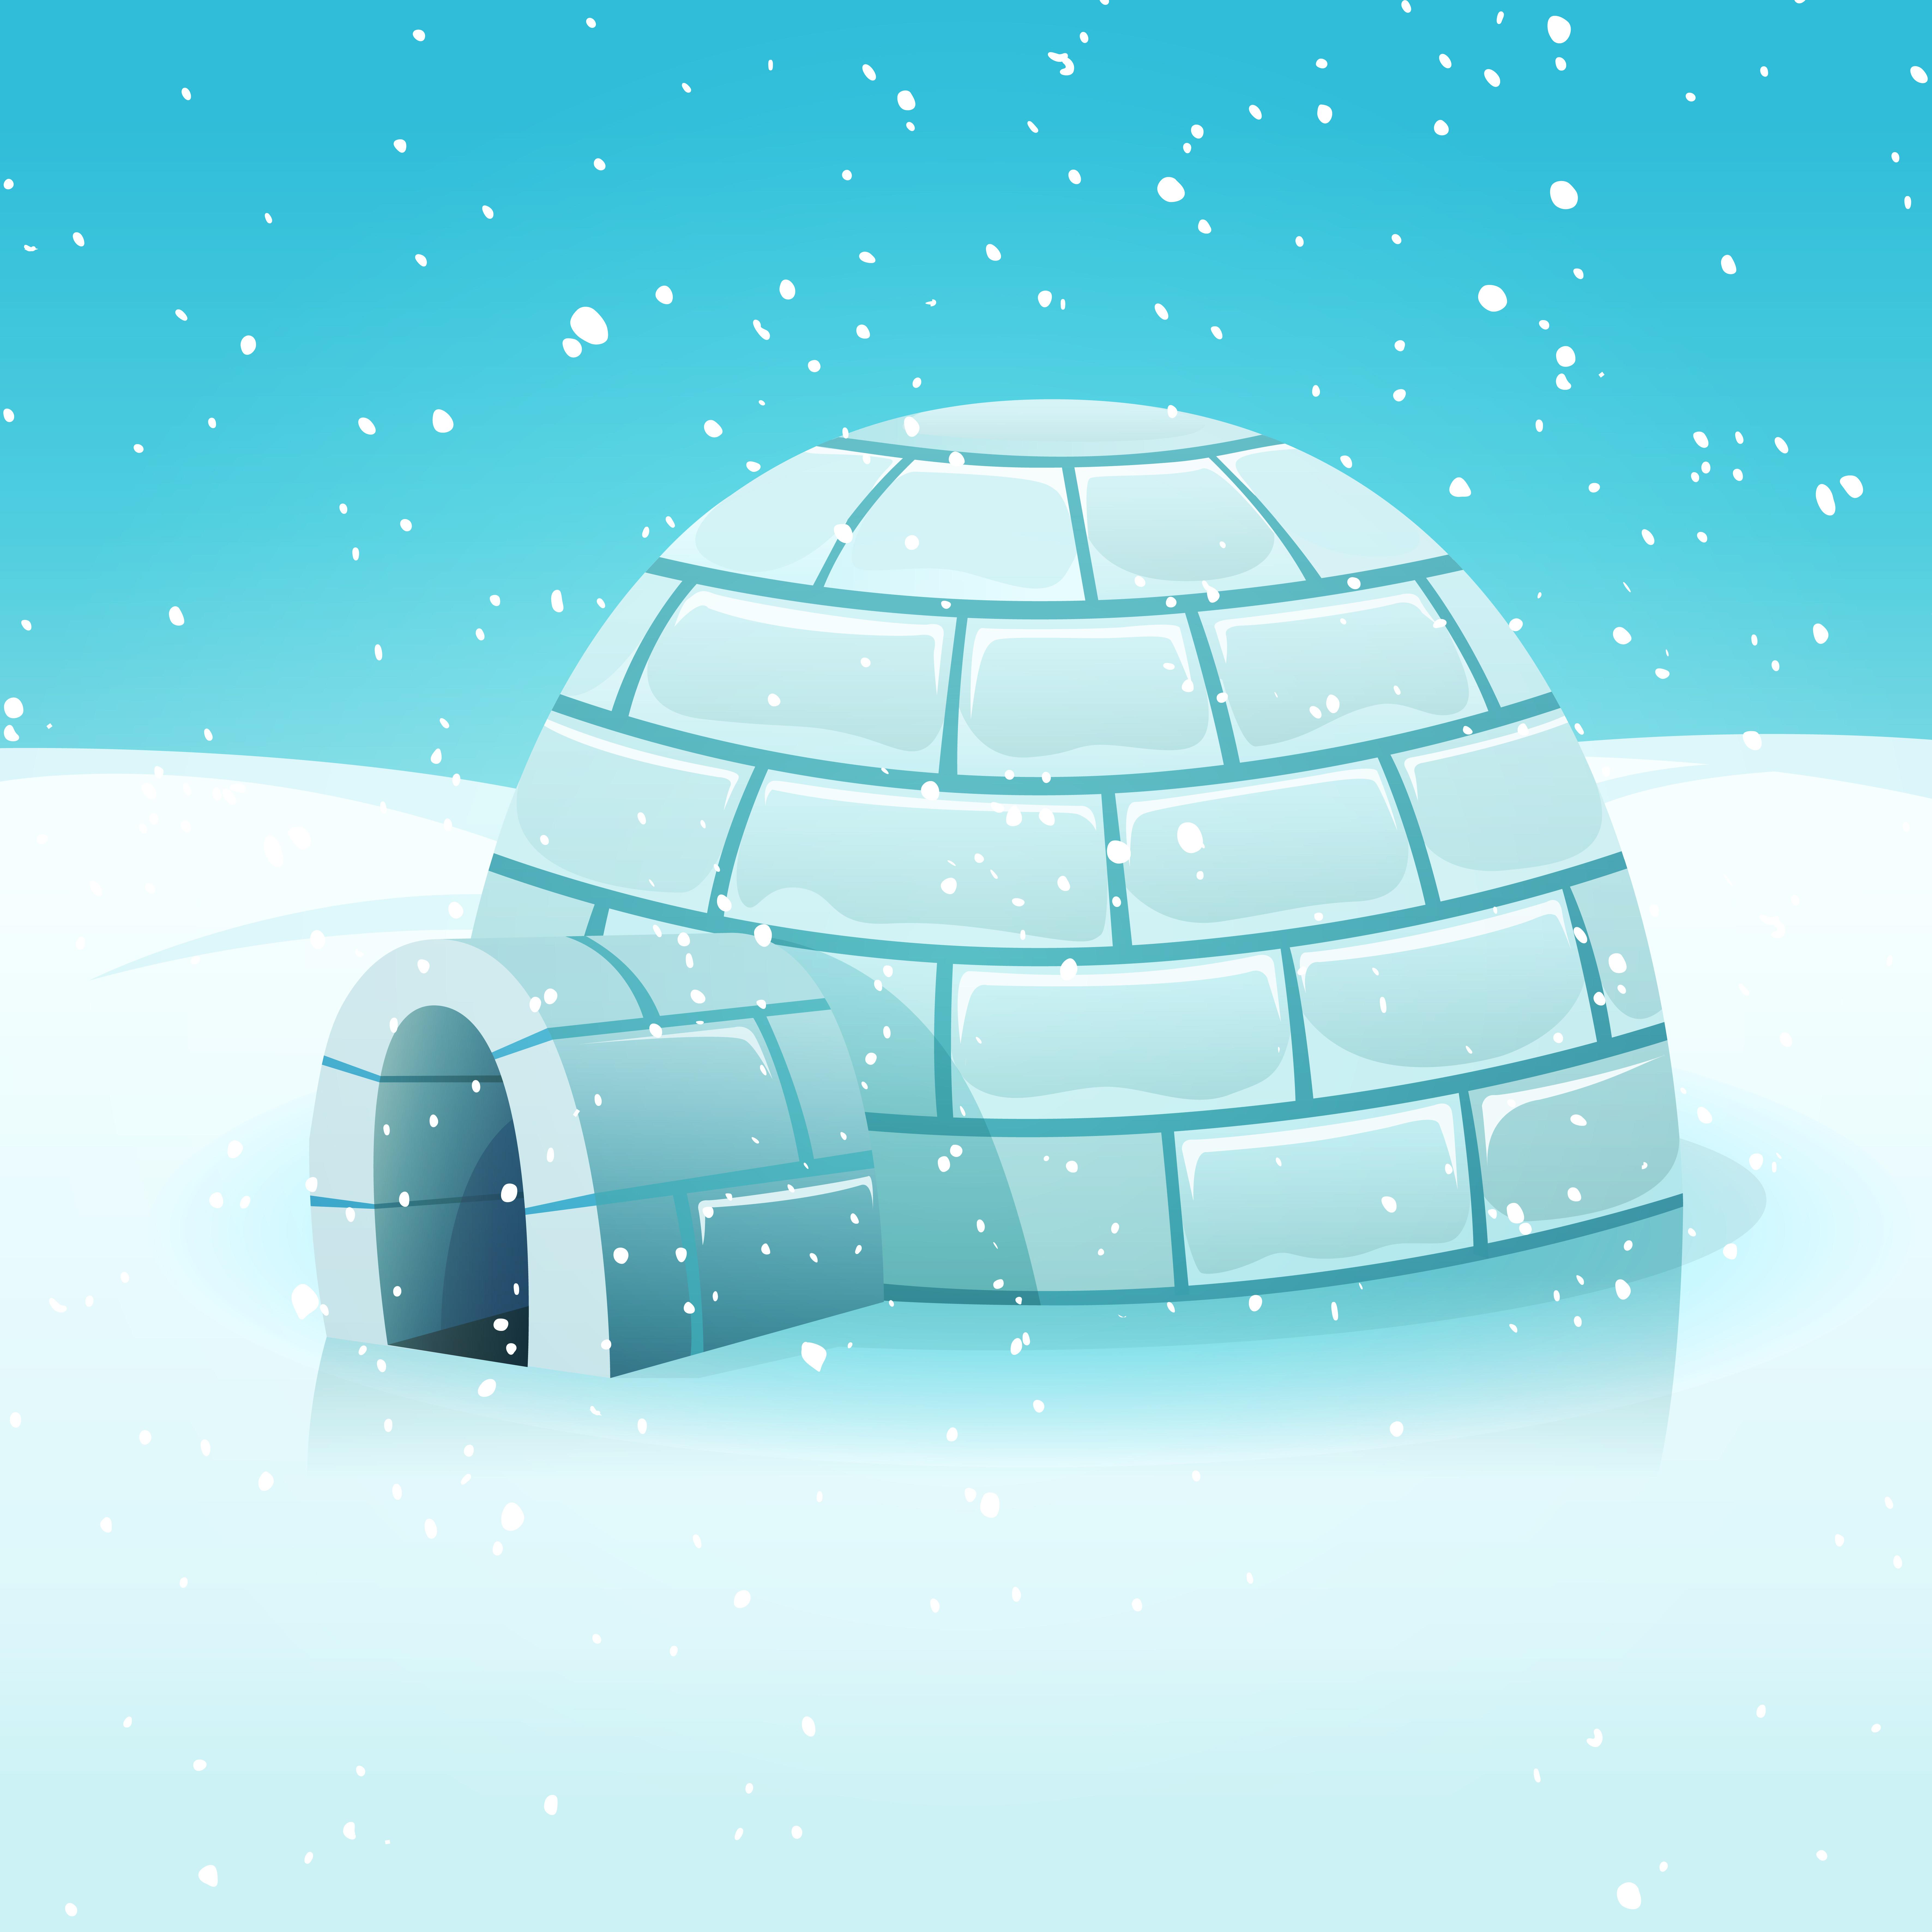 Дом из льда картинка для детей